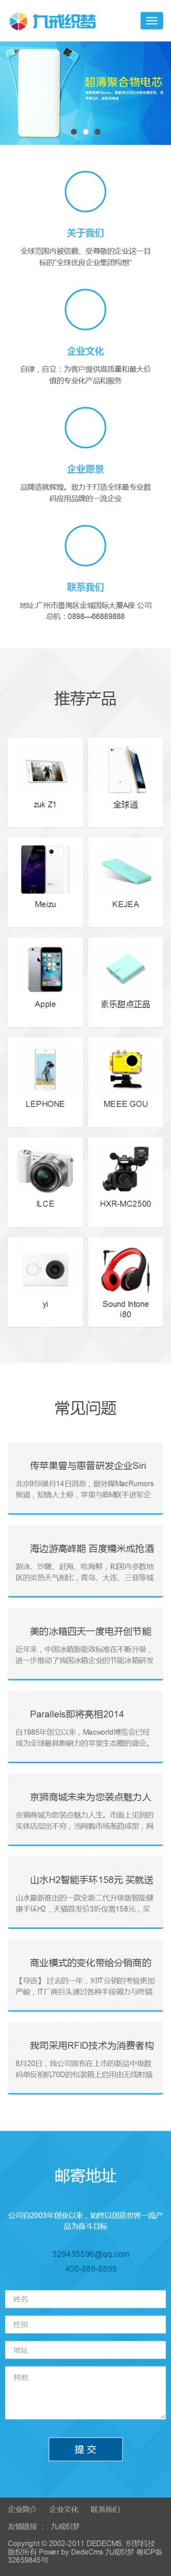 简洁自适应响应式电子产品类企业网站织梦模板手机端演示